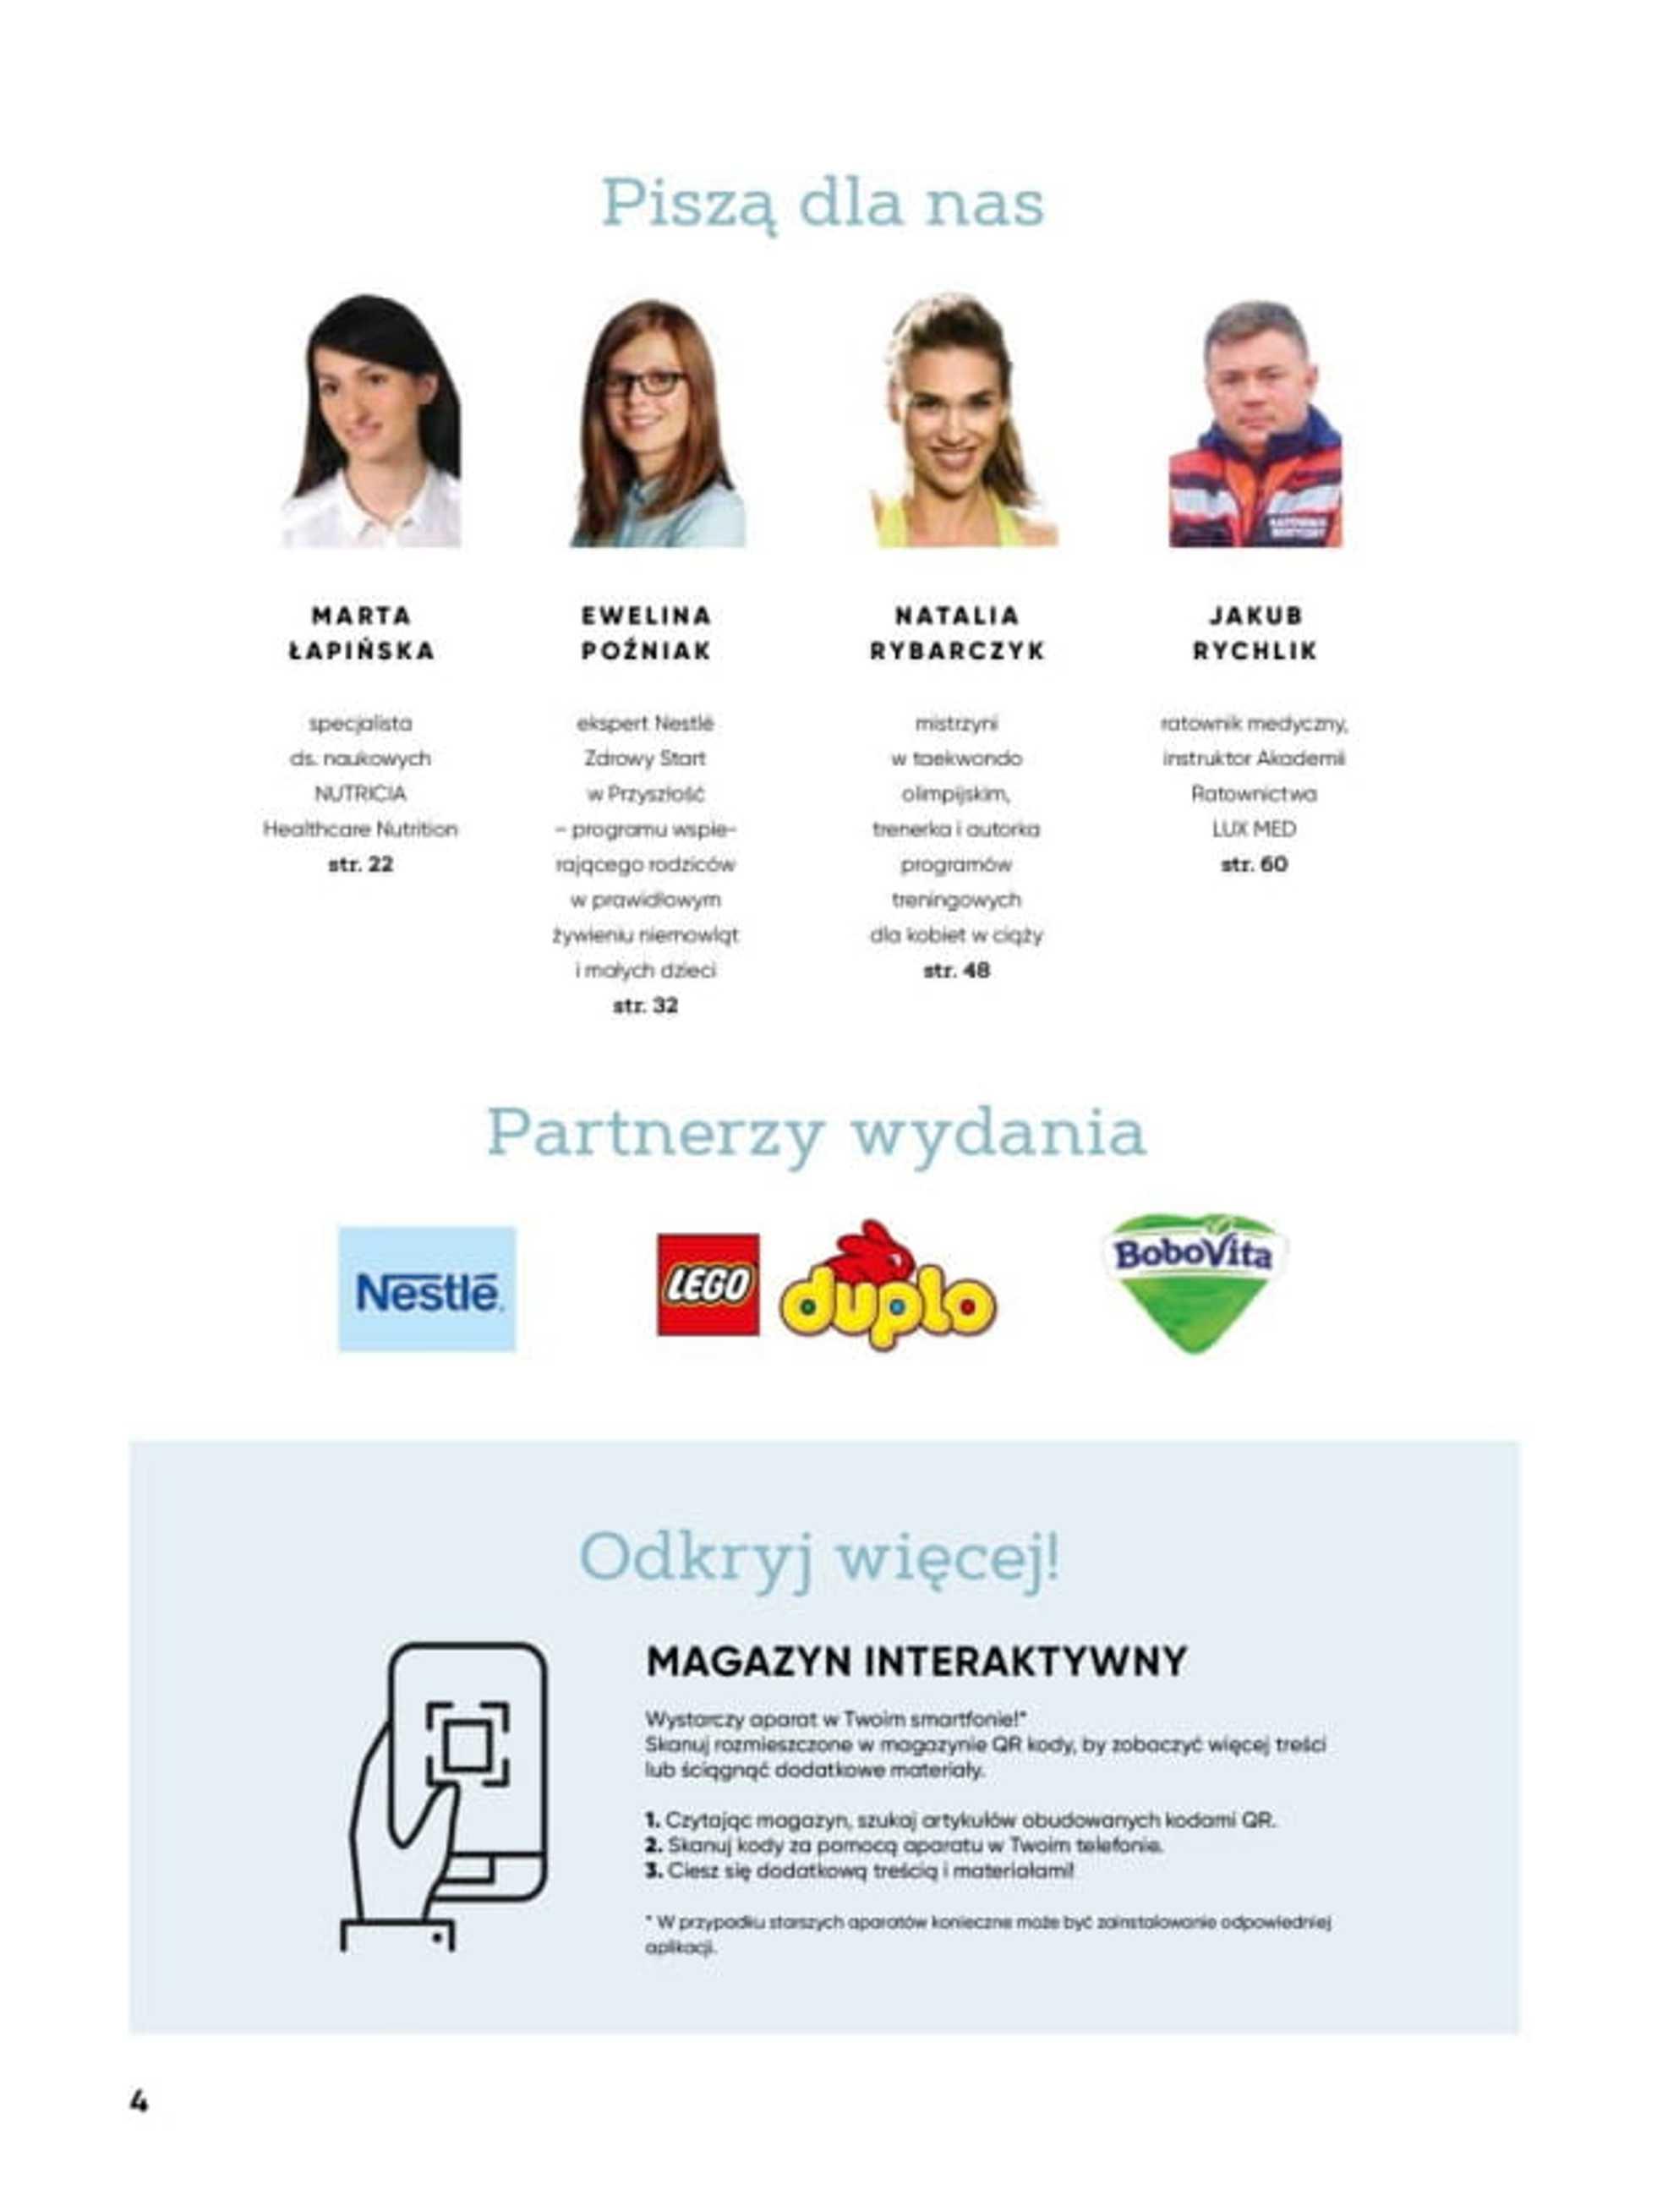 Tesco - gazetka promocyjna ważna od 05.11.2018 do 25.04.2019 - strona 4.